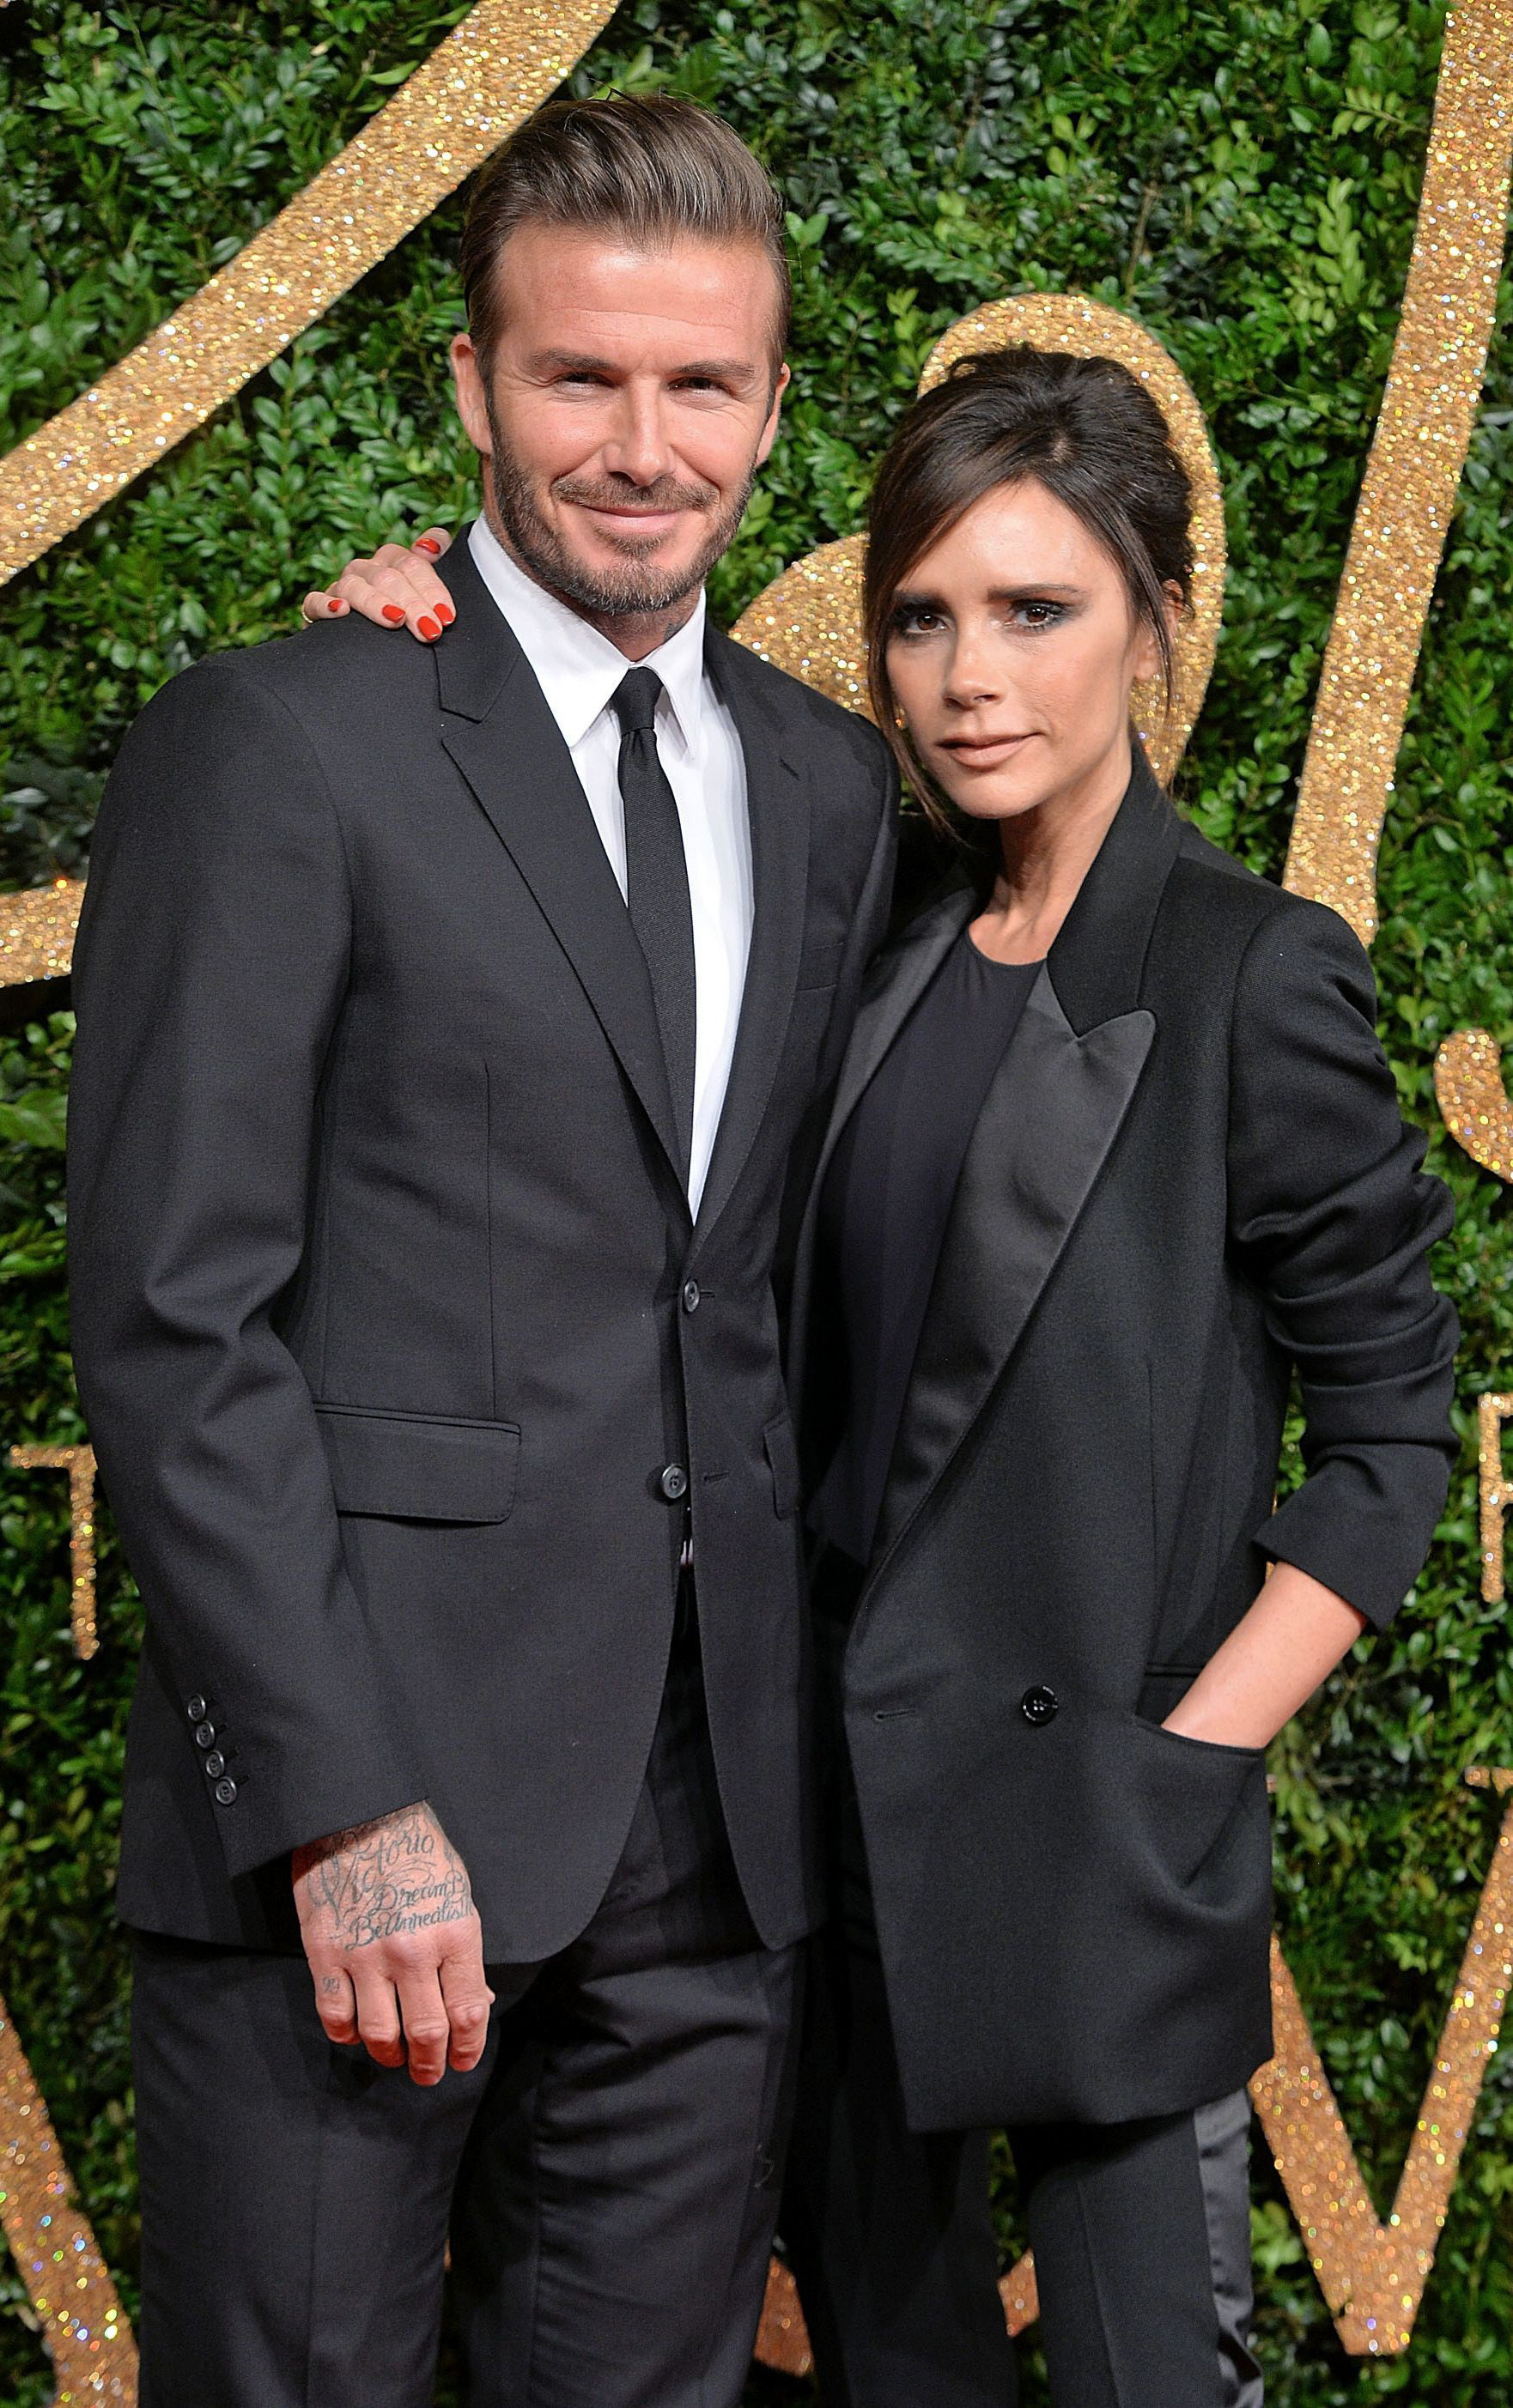 Báo Mỹ đưa tin vợ chồng David Beckham nhiễm COVID-19 do dự tiệc từ tháng 3, kéo theo 2 nhân viên đi cùng dương tính-1